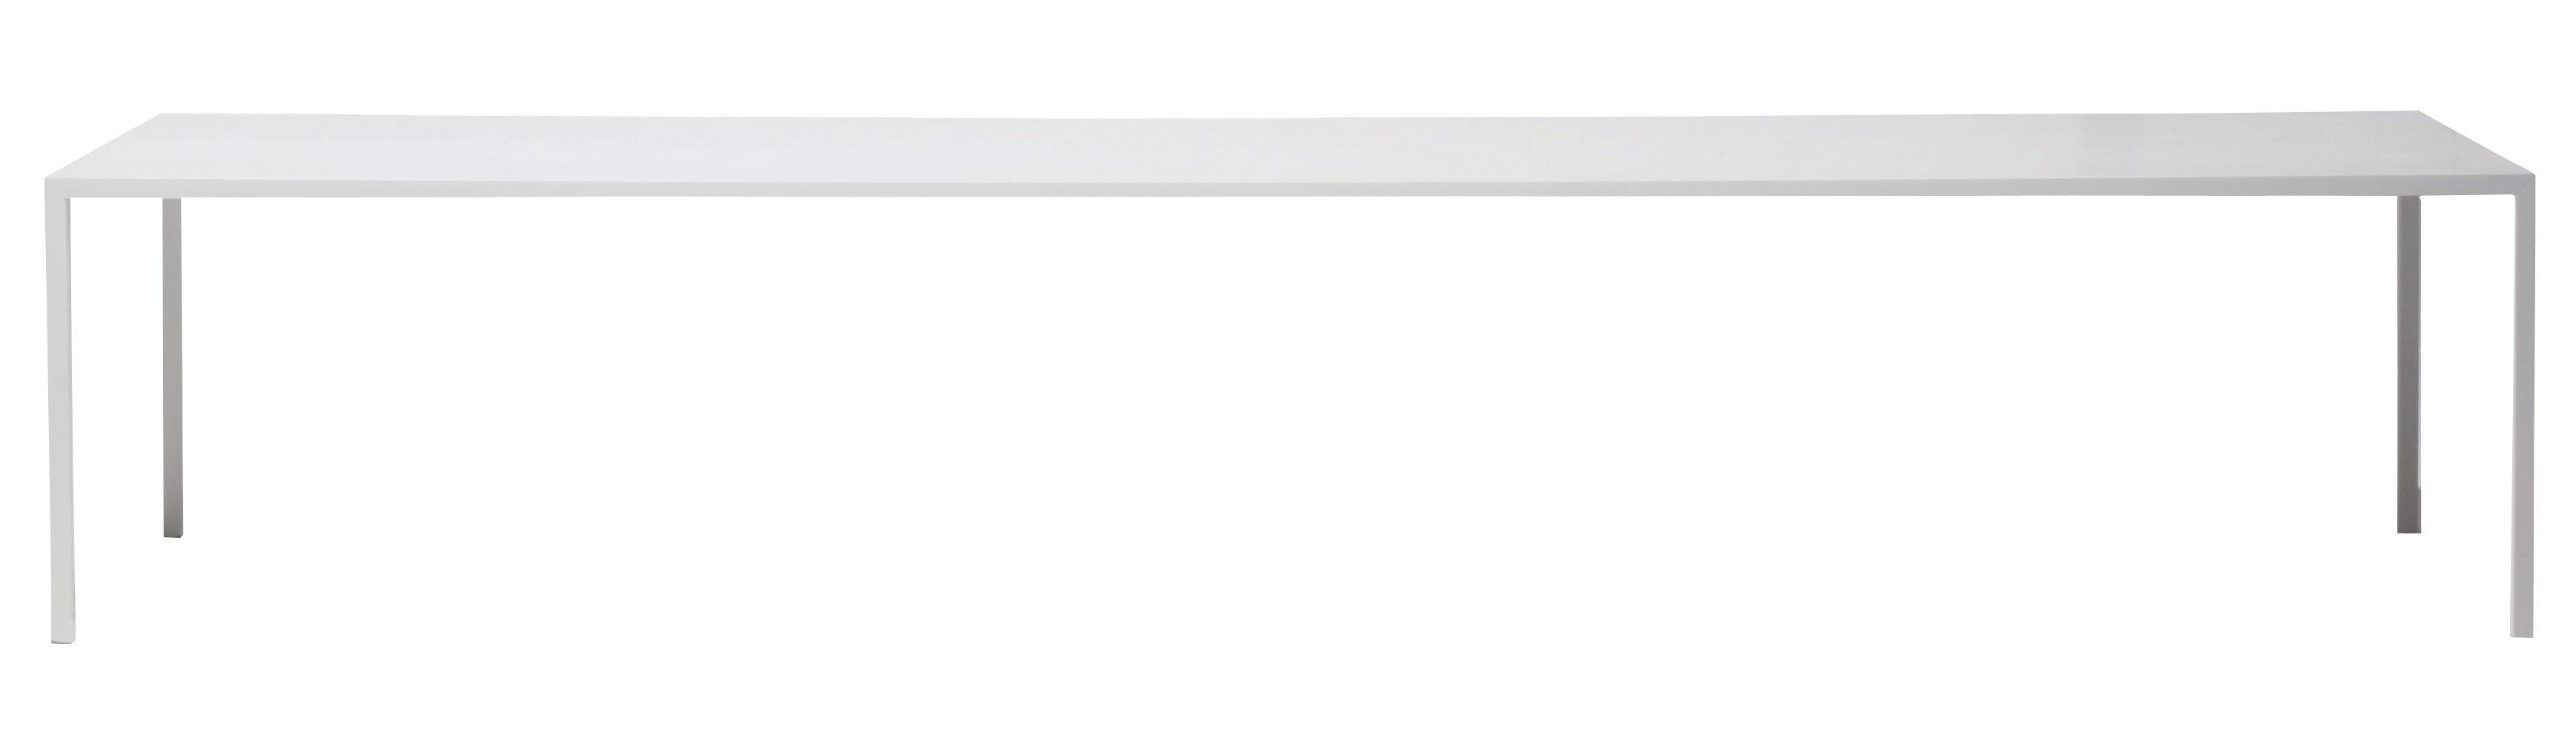 Mobilier - Mobilier d'exception - Table rectangulaire Tense / 120 x 300 cm - Résine acrylique - MDF Italia - 120 x 300 cm - Blanc - Aluminium revêtu de résine